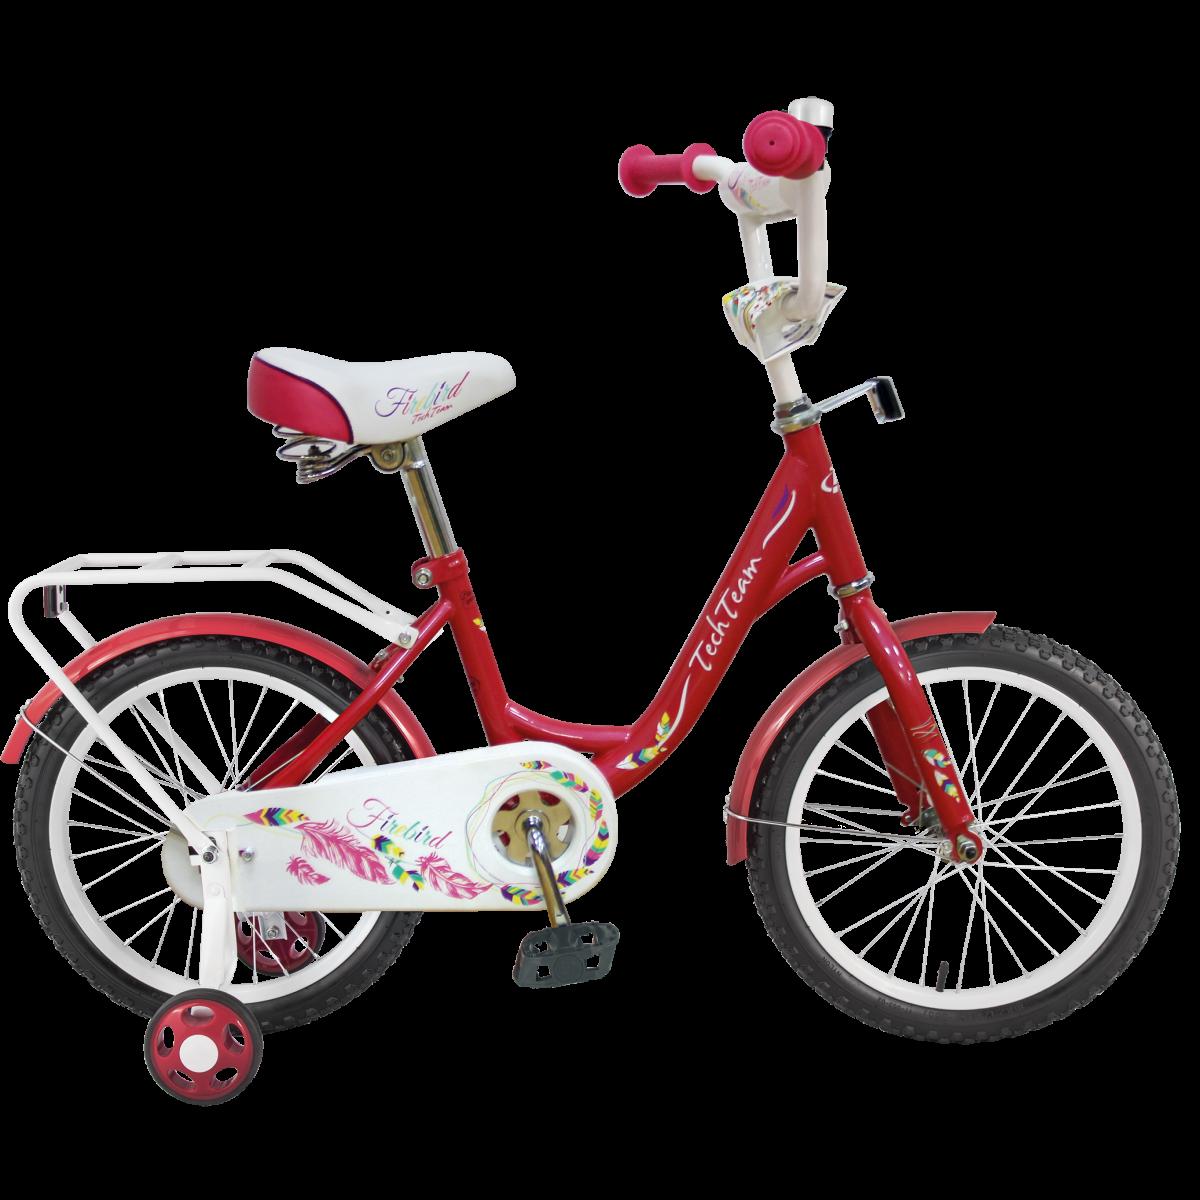 Детский велосипед TechTeam Рама 131 2019 красный